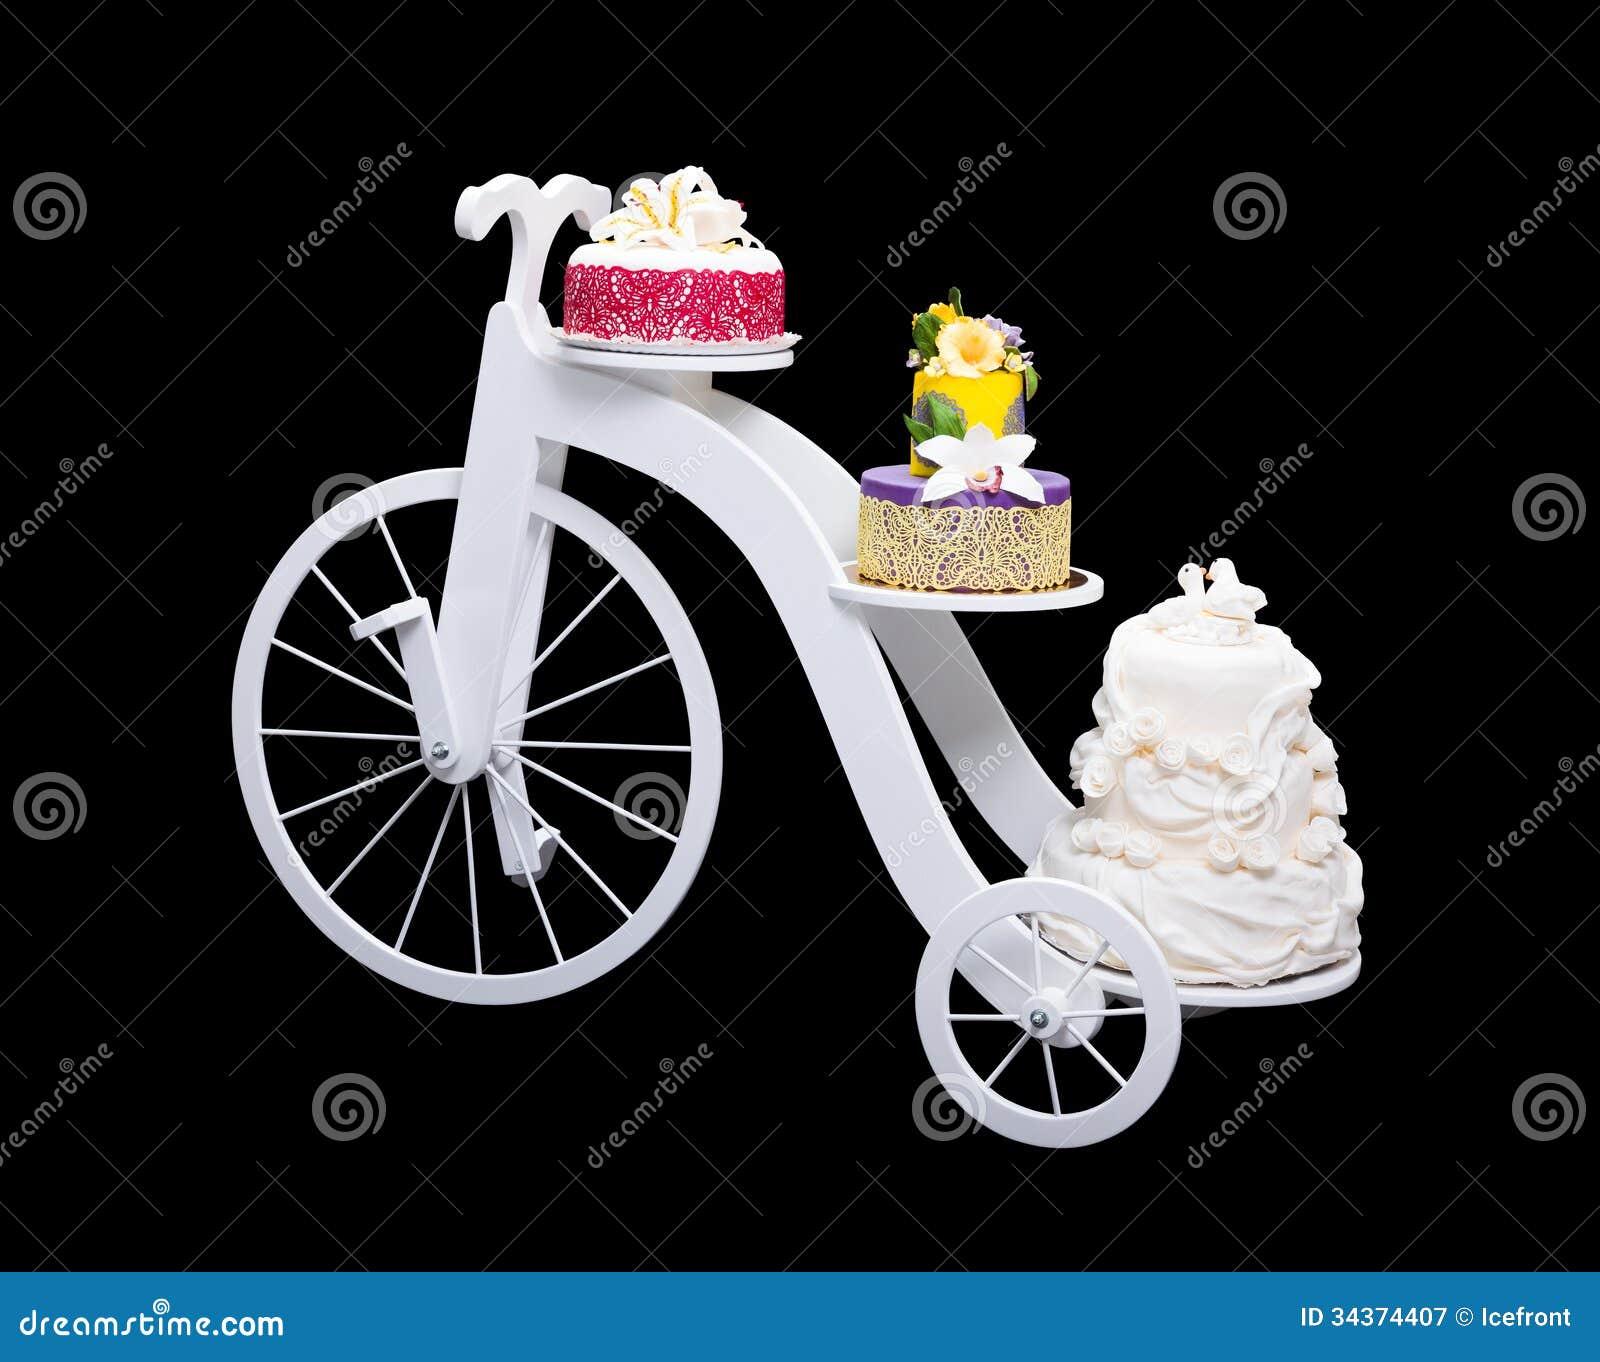 Einzigartiger Fahrradkuchenstand Mit Drei Kuchen Stockbild Bild